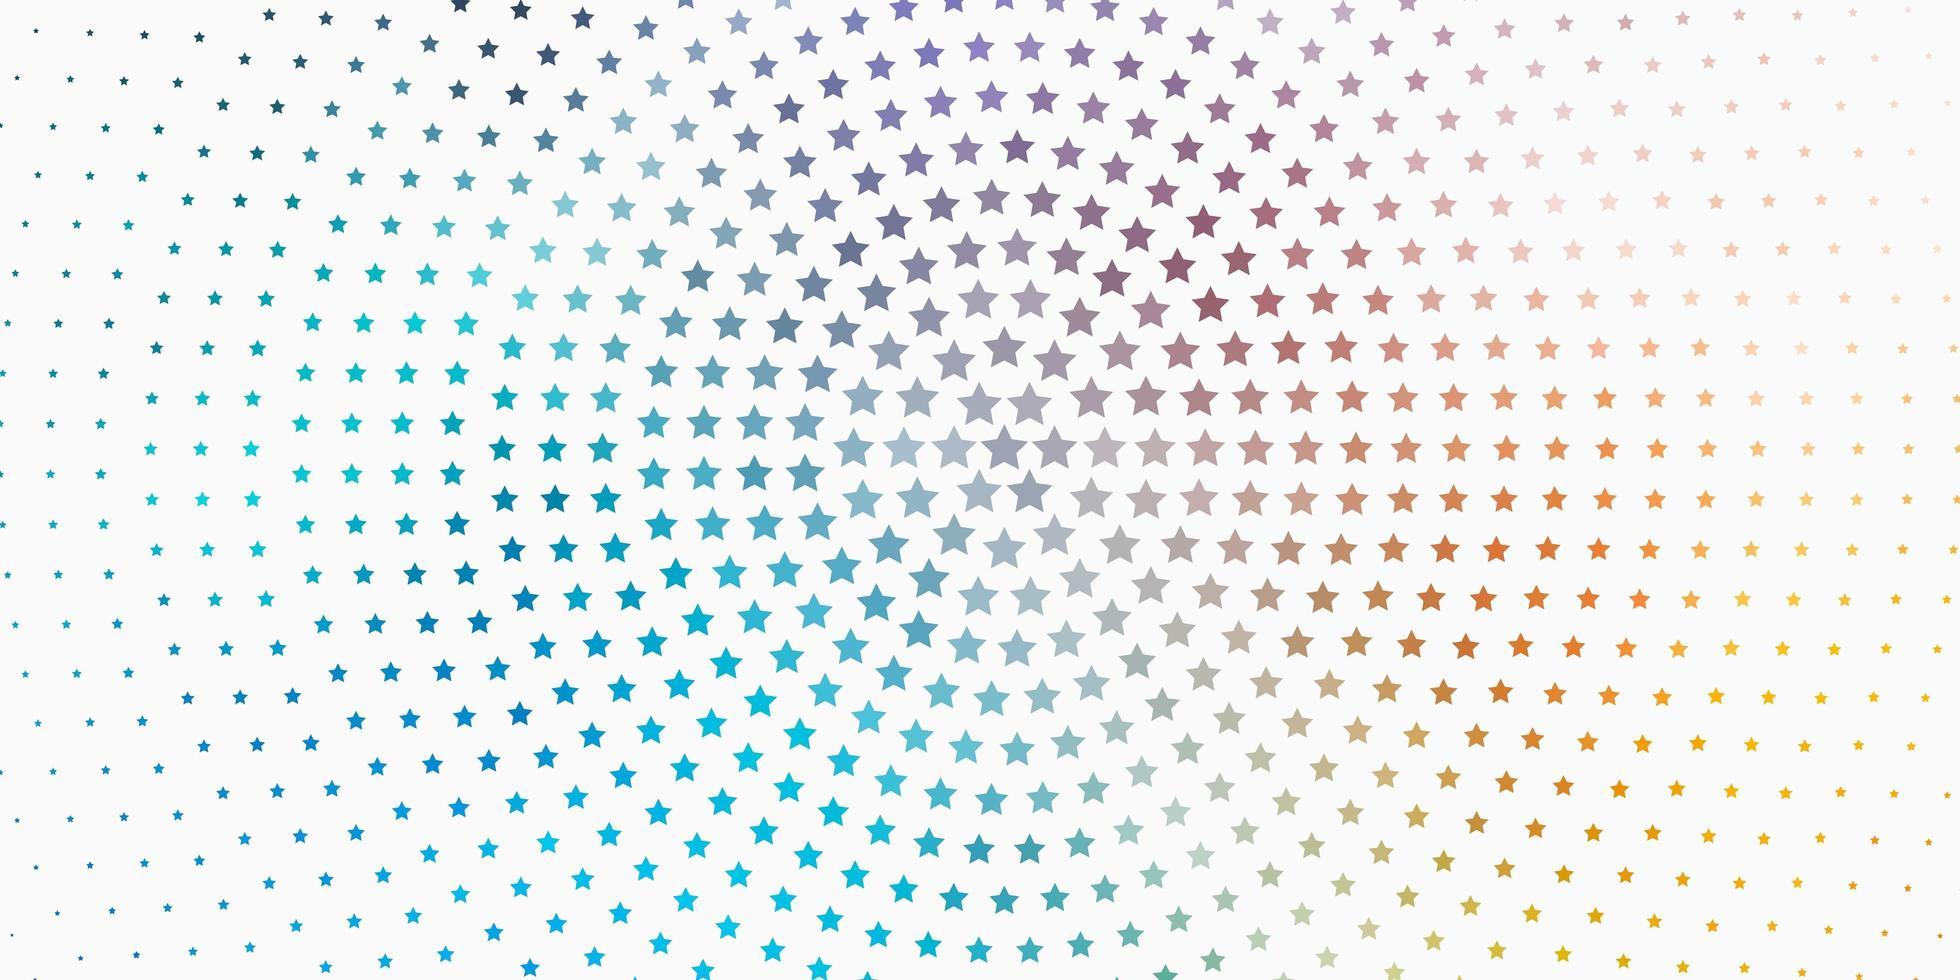 hellblaue, gelbe Textur mit schönen Sternen. vektor